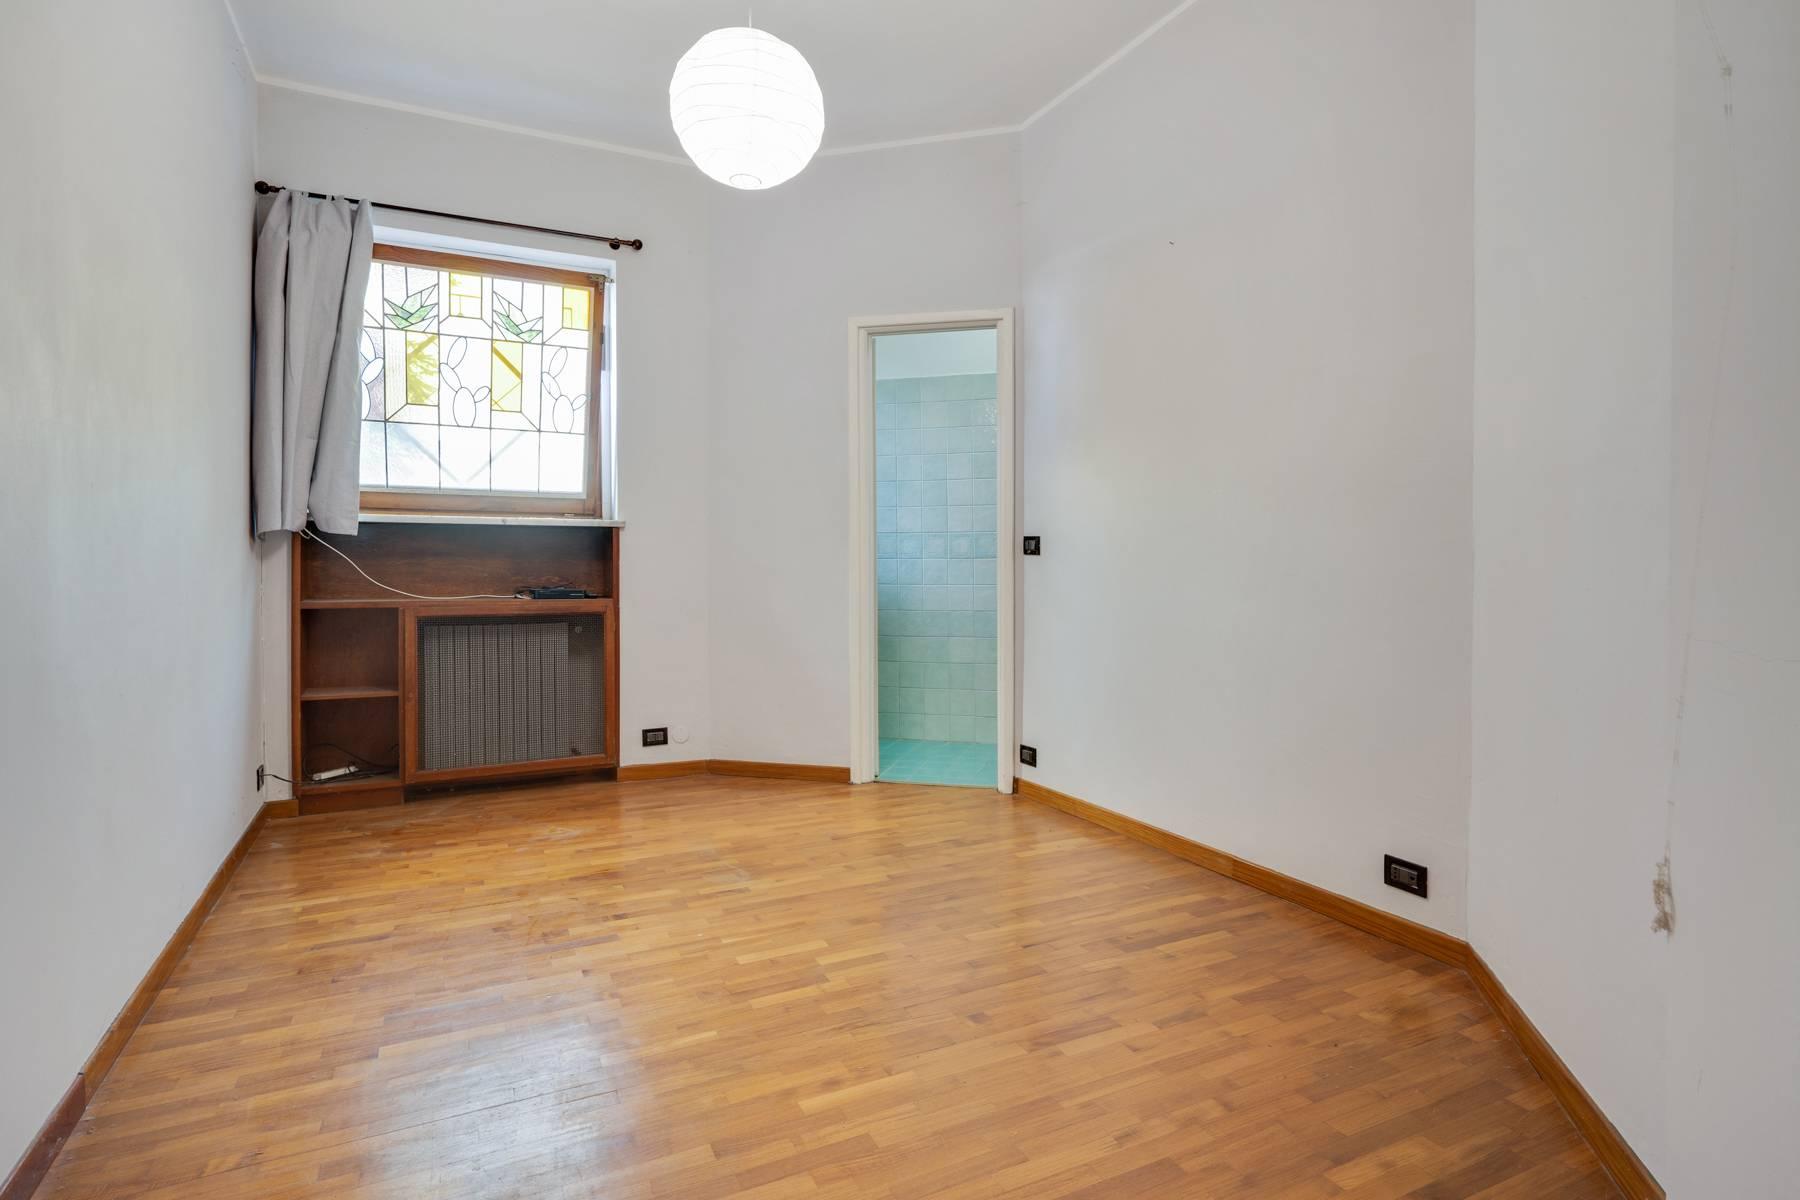 Appartamento in Vendita a Torino: 3 locali, 88 mq - Foto 8